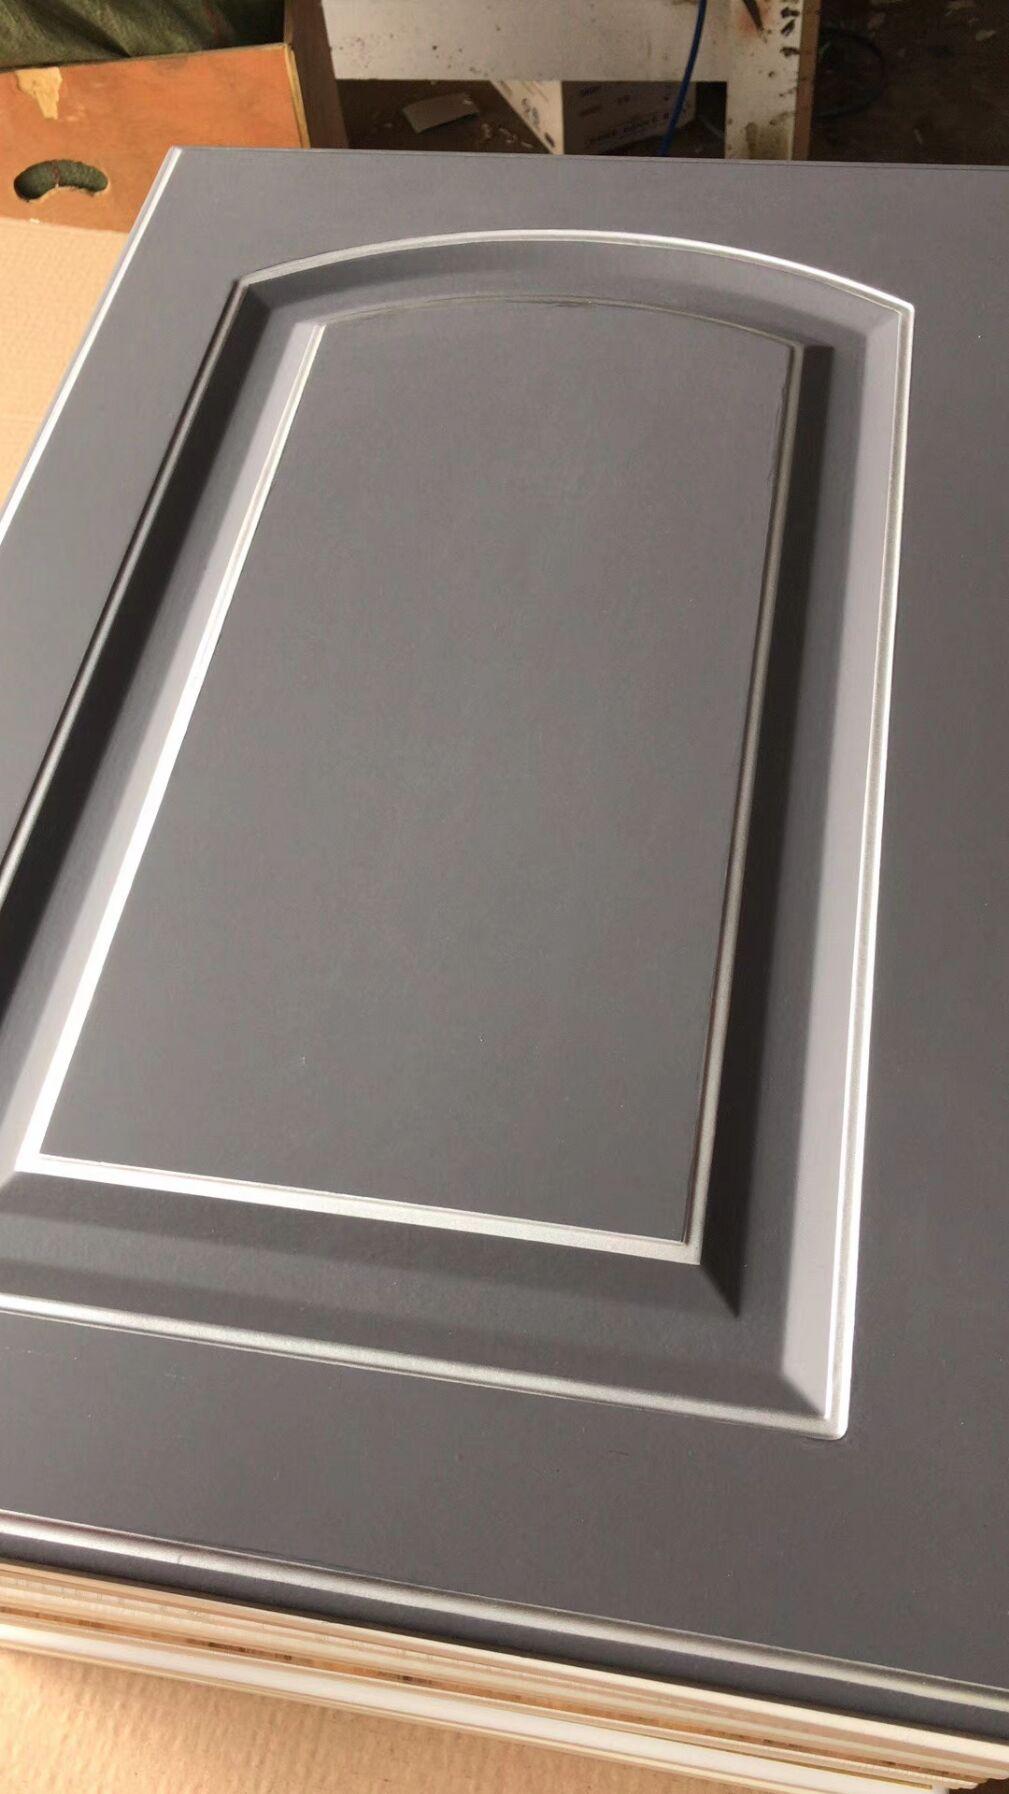 龙潭PVC模压门板厂家_亚克力橱柜门板_模压门厂